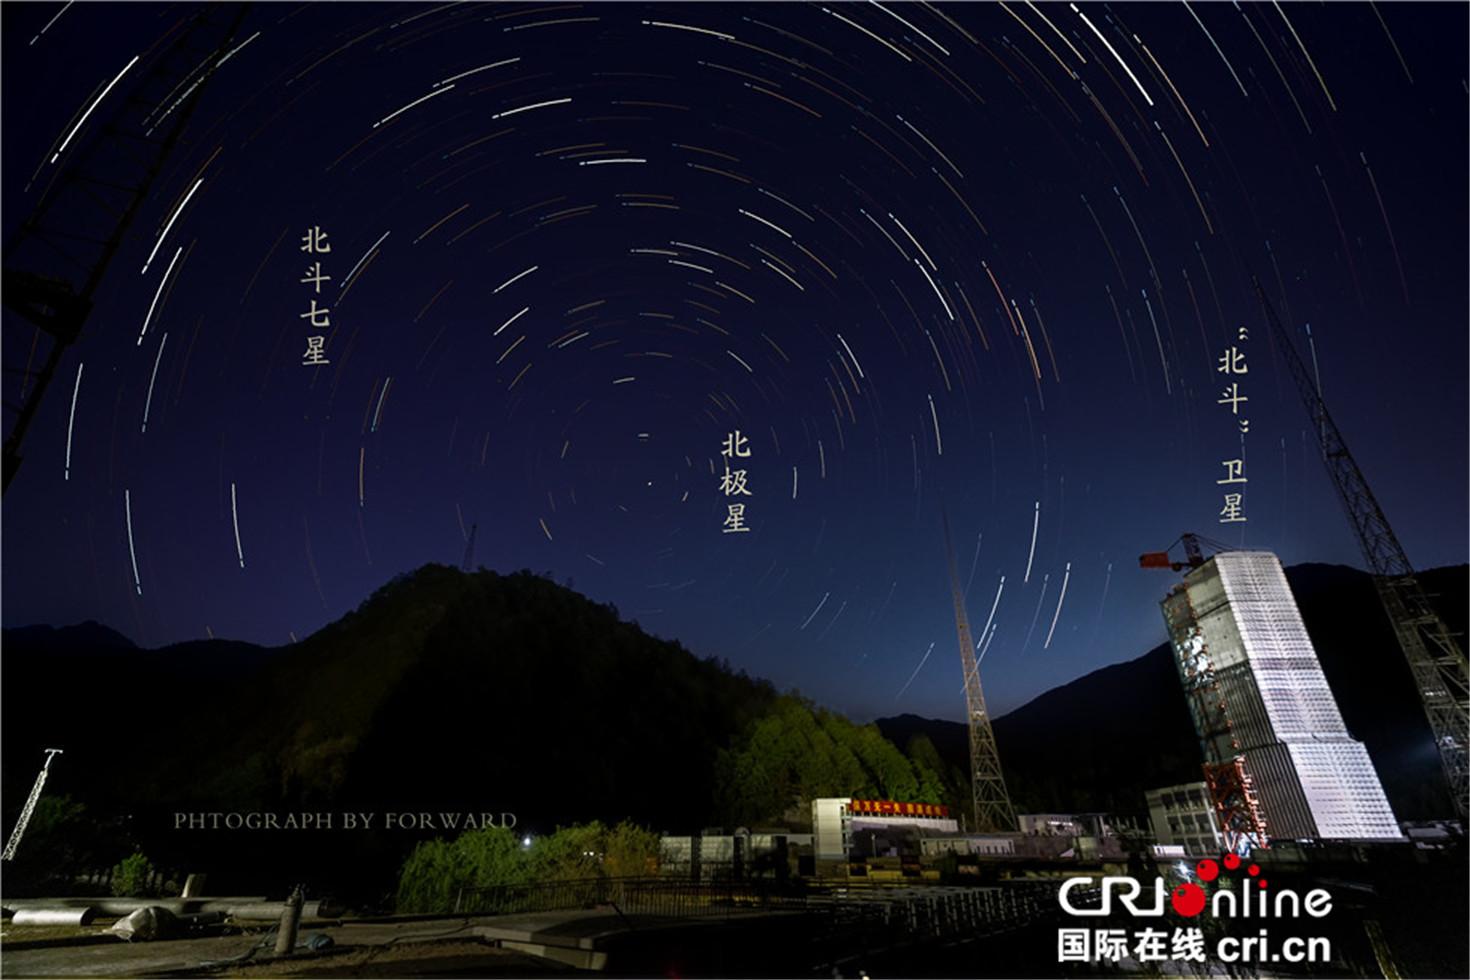 中国成功发射北斗三号系统第20颗组网卫星 将继续深化卫星导航国际合作